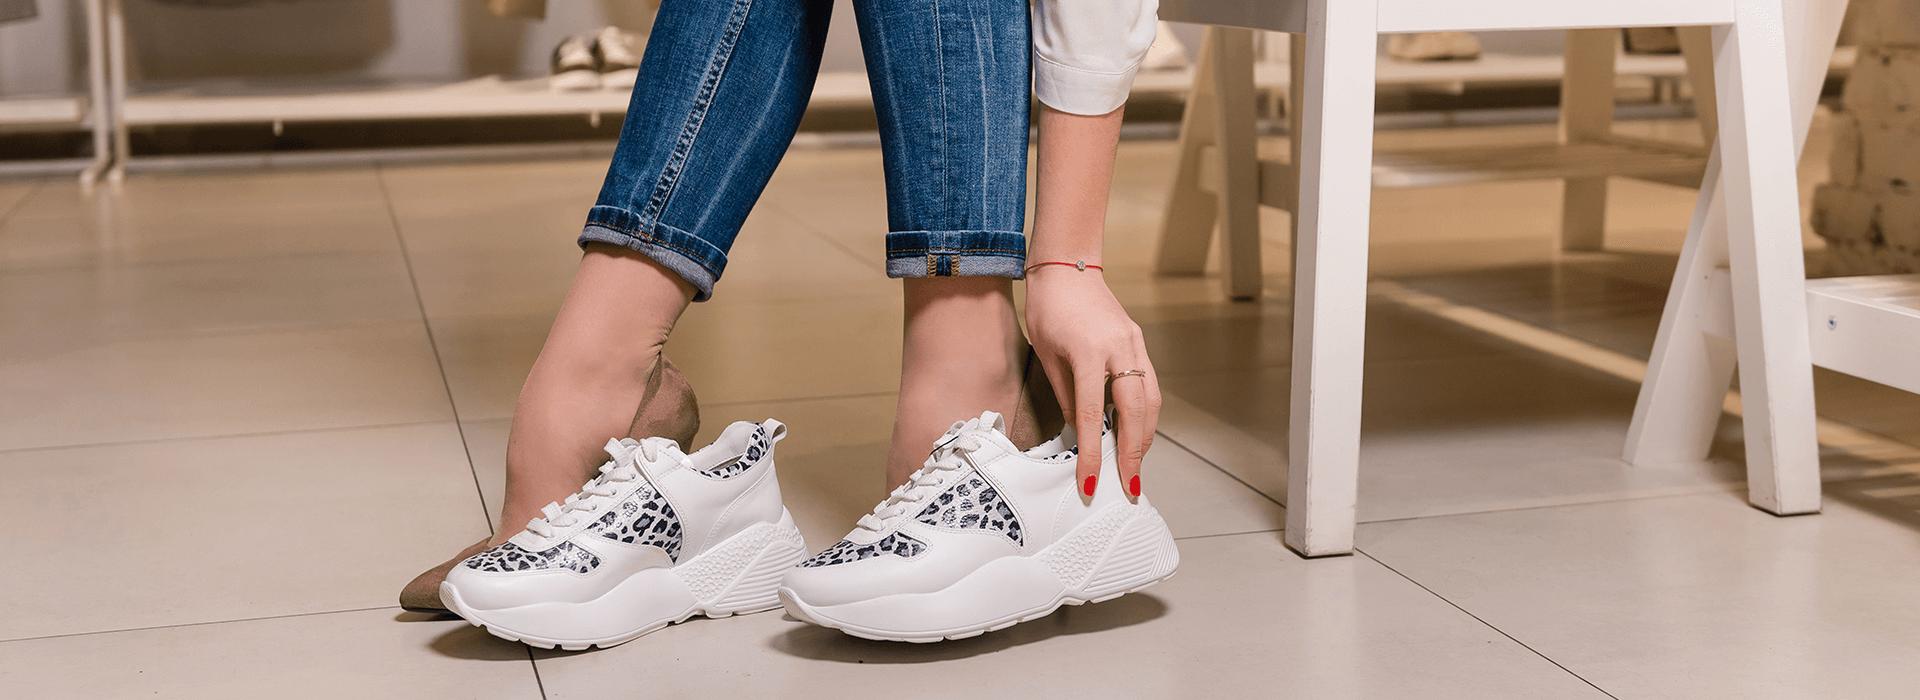 slider1-magasin-de-chaussures-acceuil-boutique-de-chaussures-Hannut